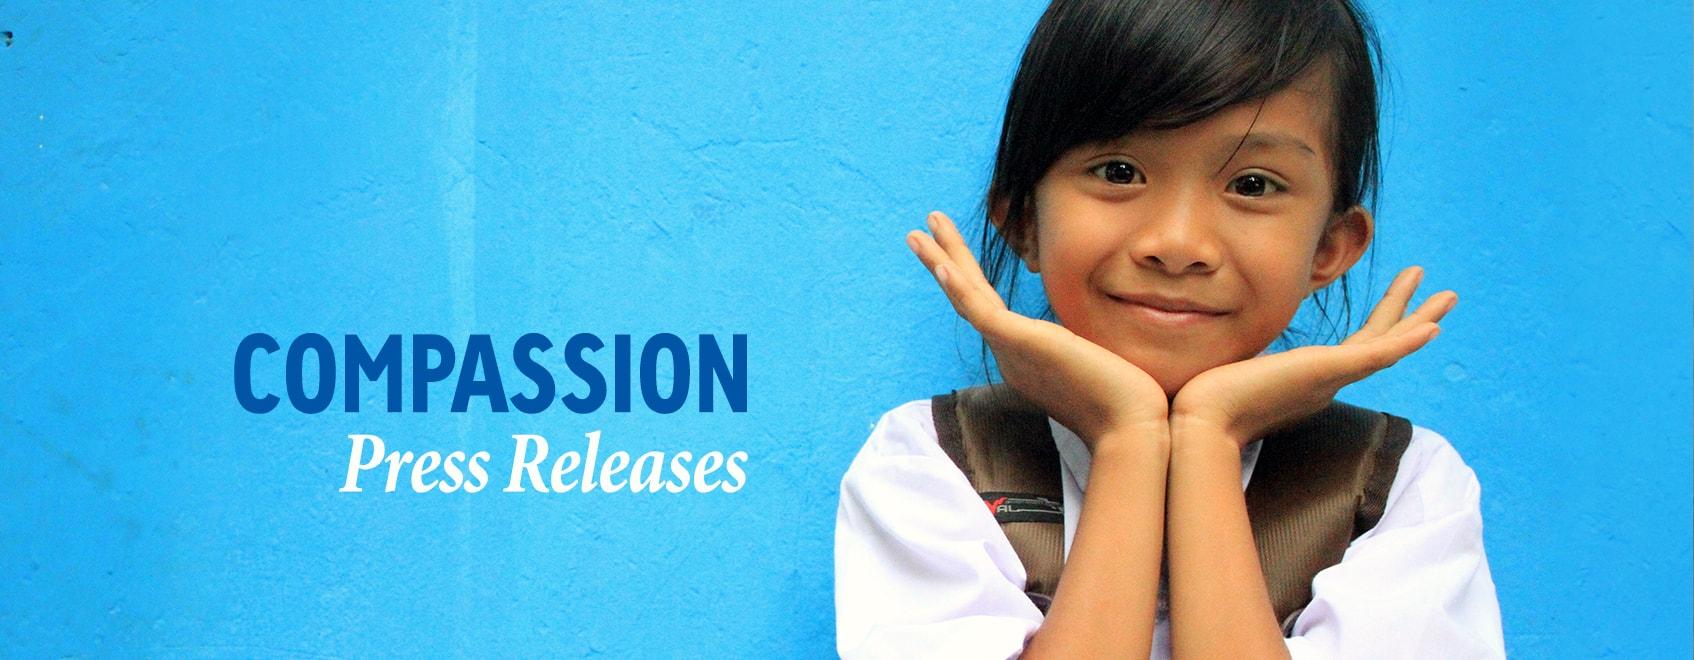 Compassion press releases